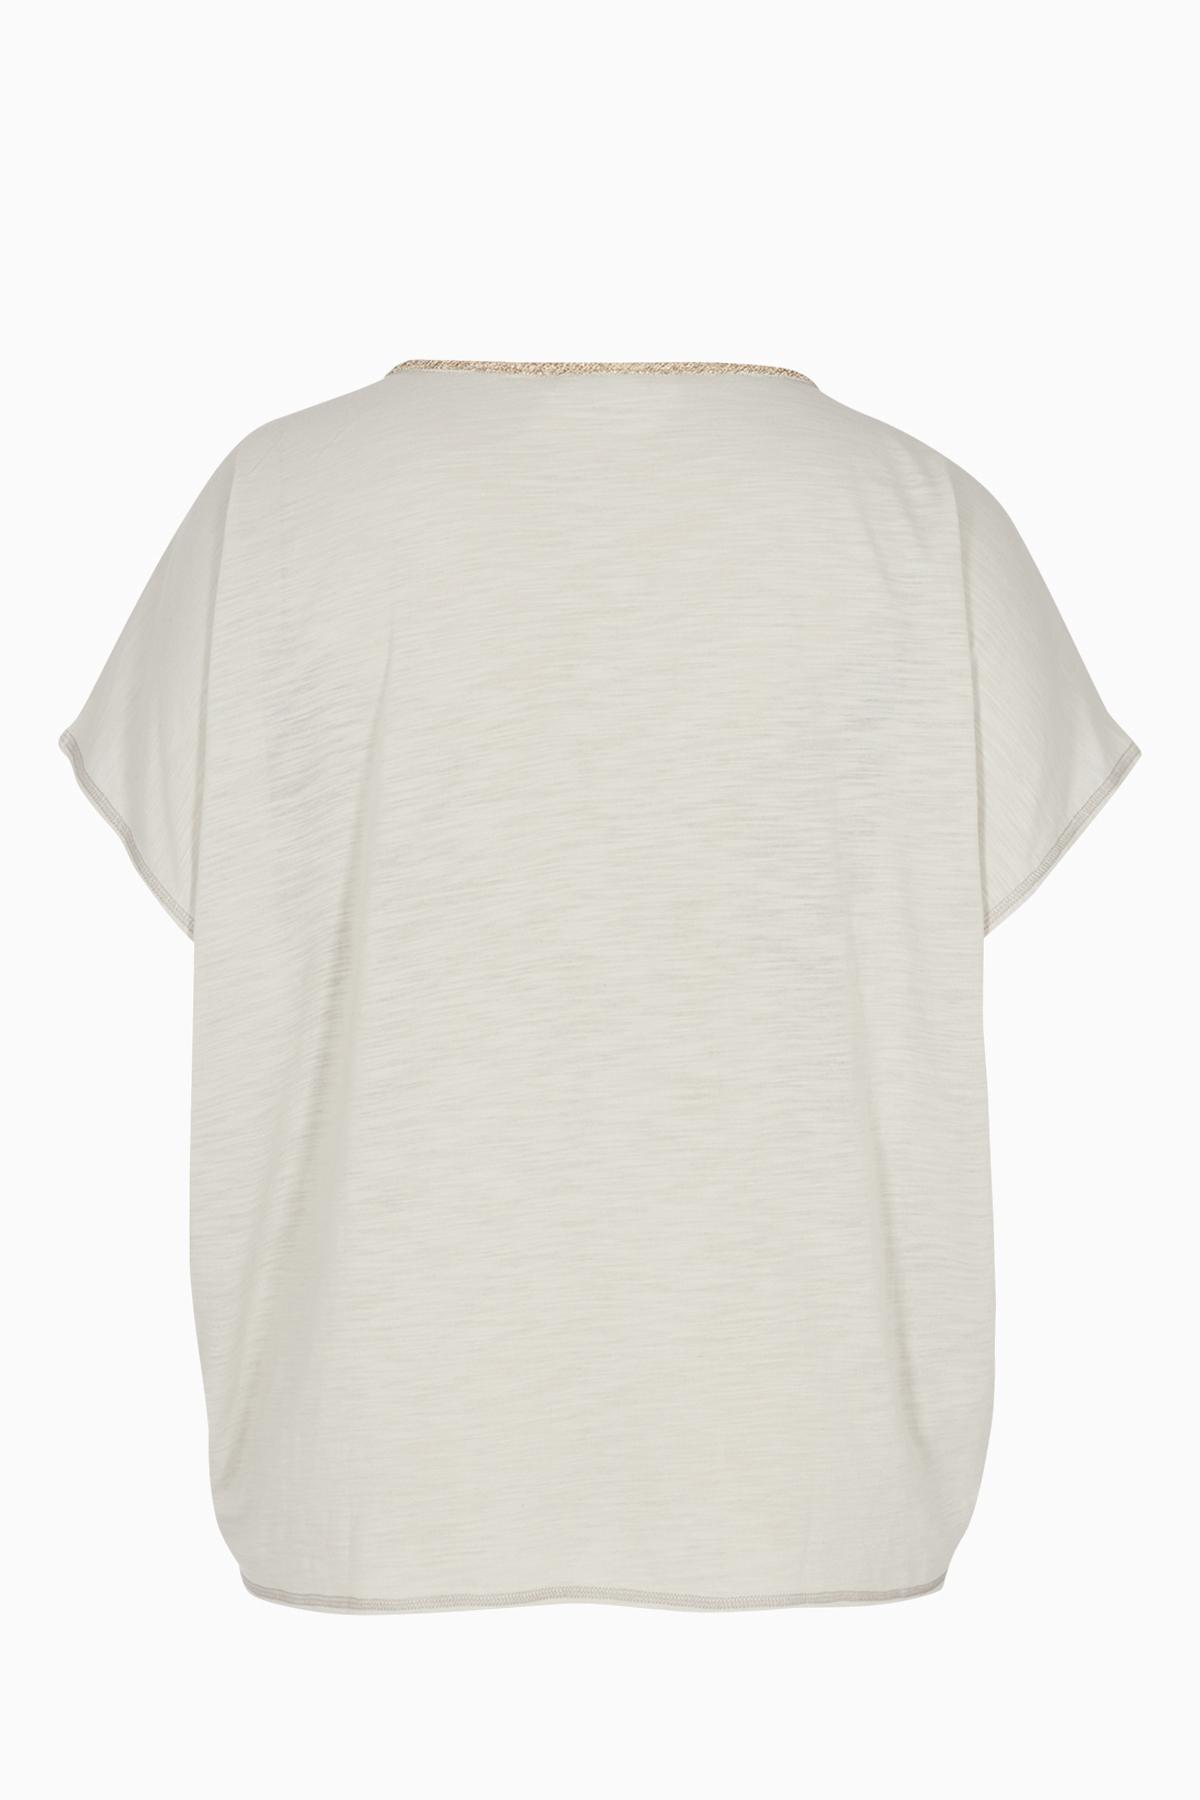 Ljusgrå Kortärmad T-shirt från Zizzi – Köp Ljusgrå Kortärmad T-shirt från stl. 42-44-54-56 här